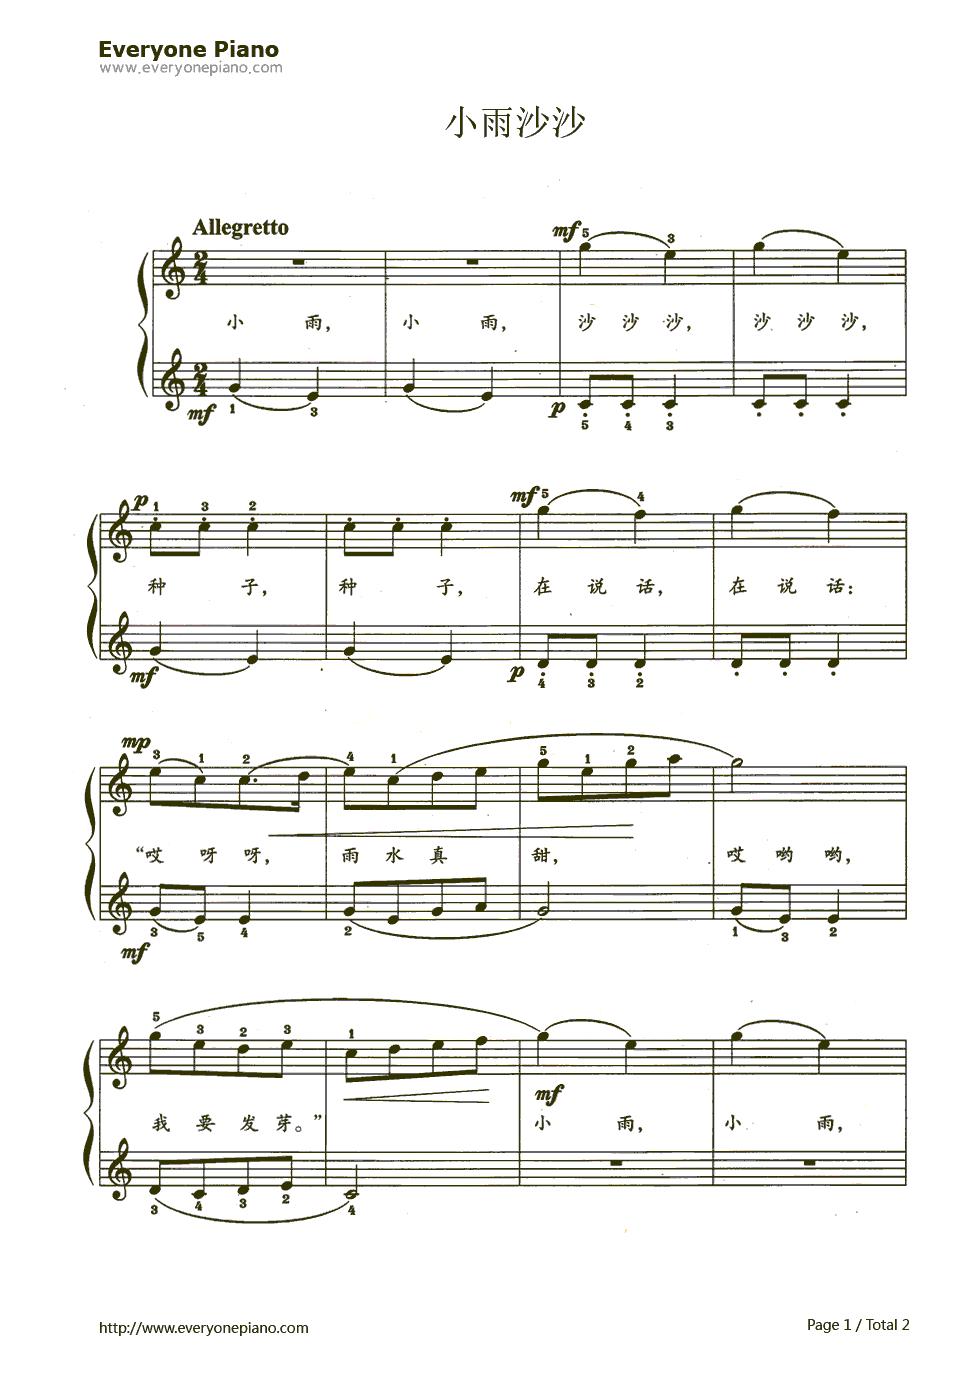 钢琴曲谱 儿歌 小雨沙沙 小雨沙沙五线谱预览1  }  仅供学习交流使用!